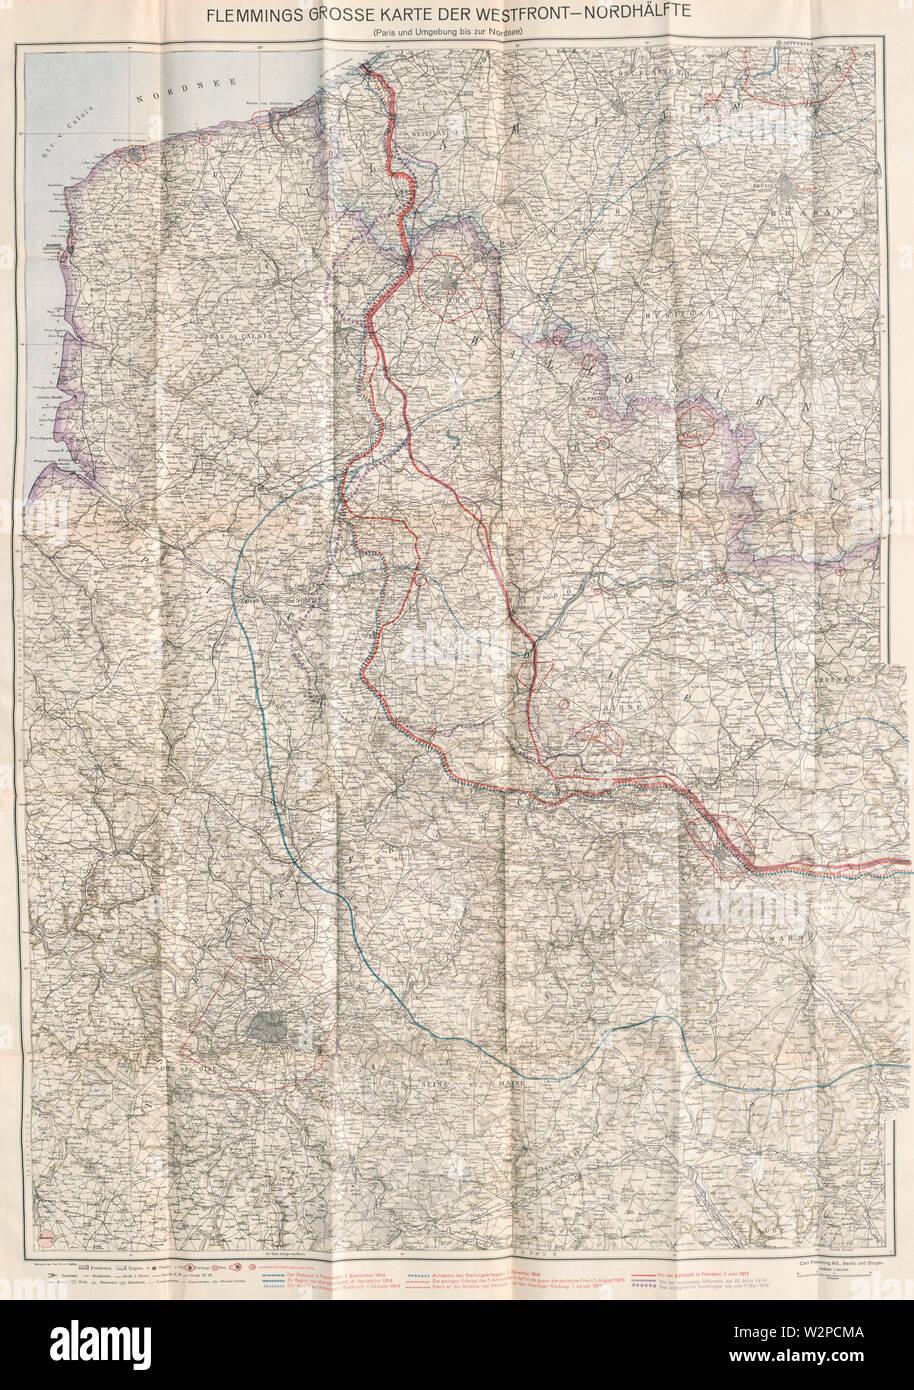 44-Große Karte der Westfront-Nordhälfte (1918) - Stock Image